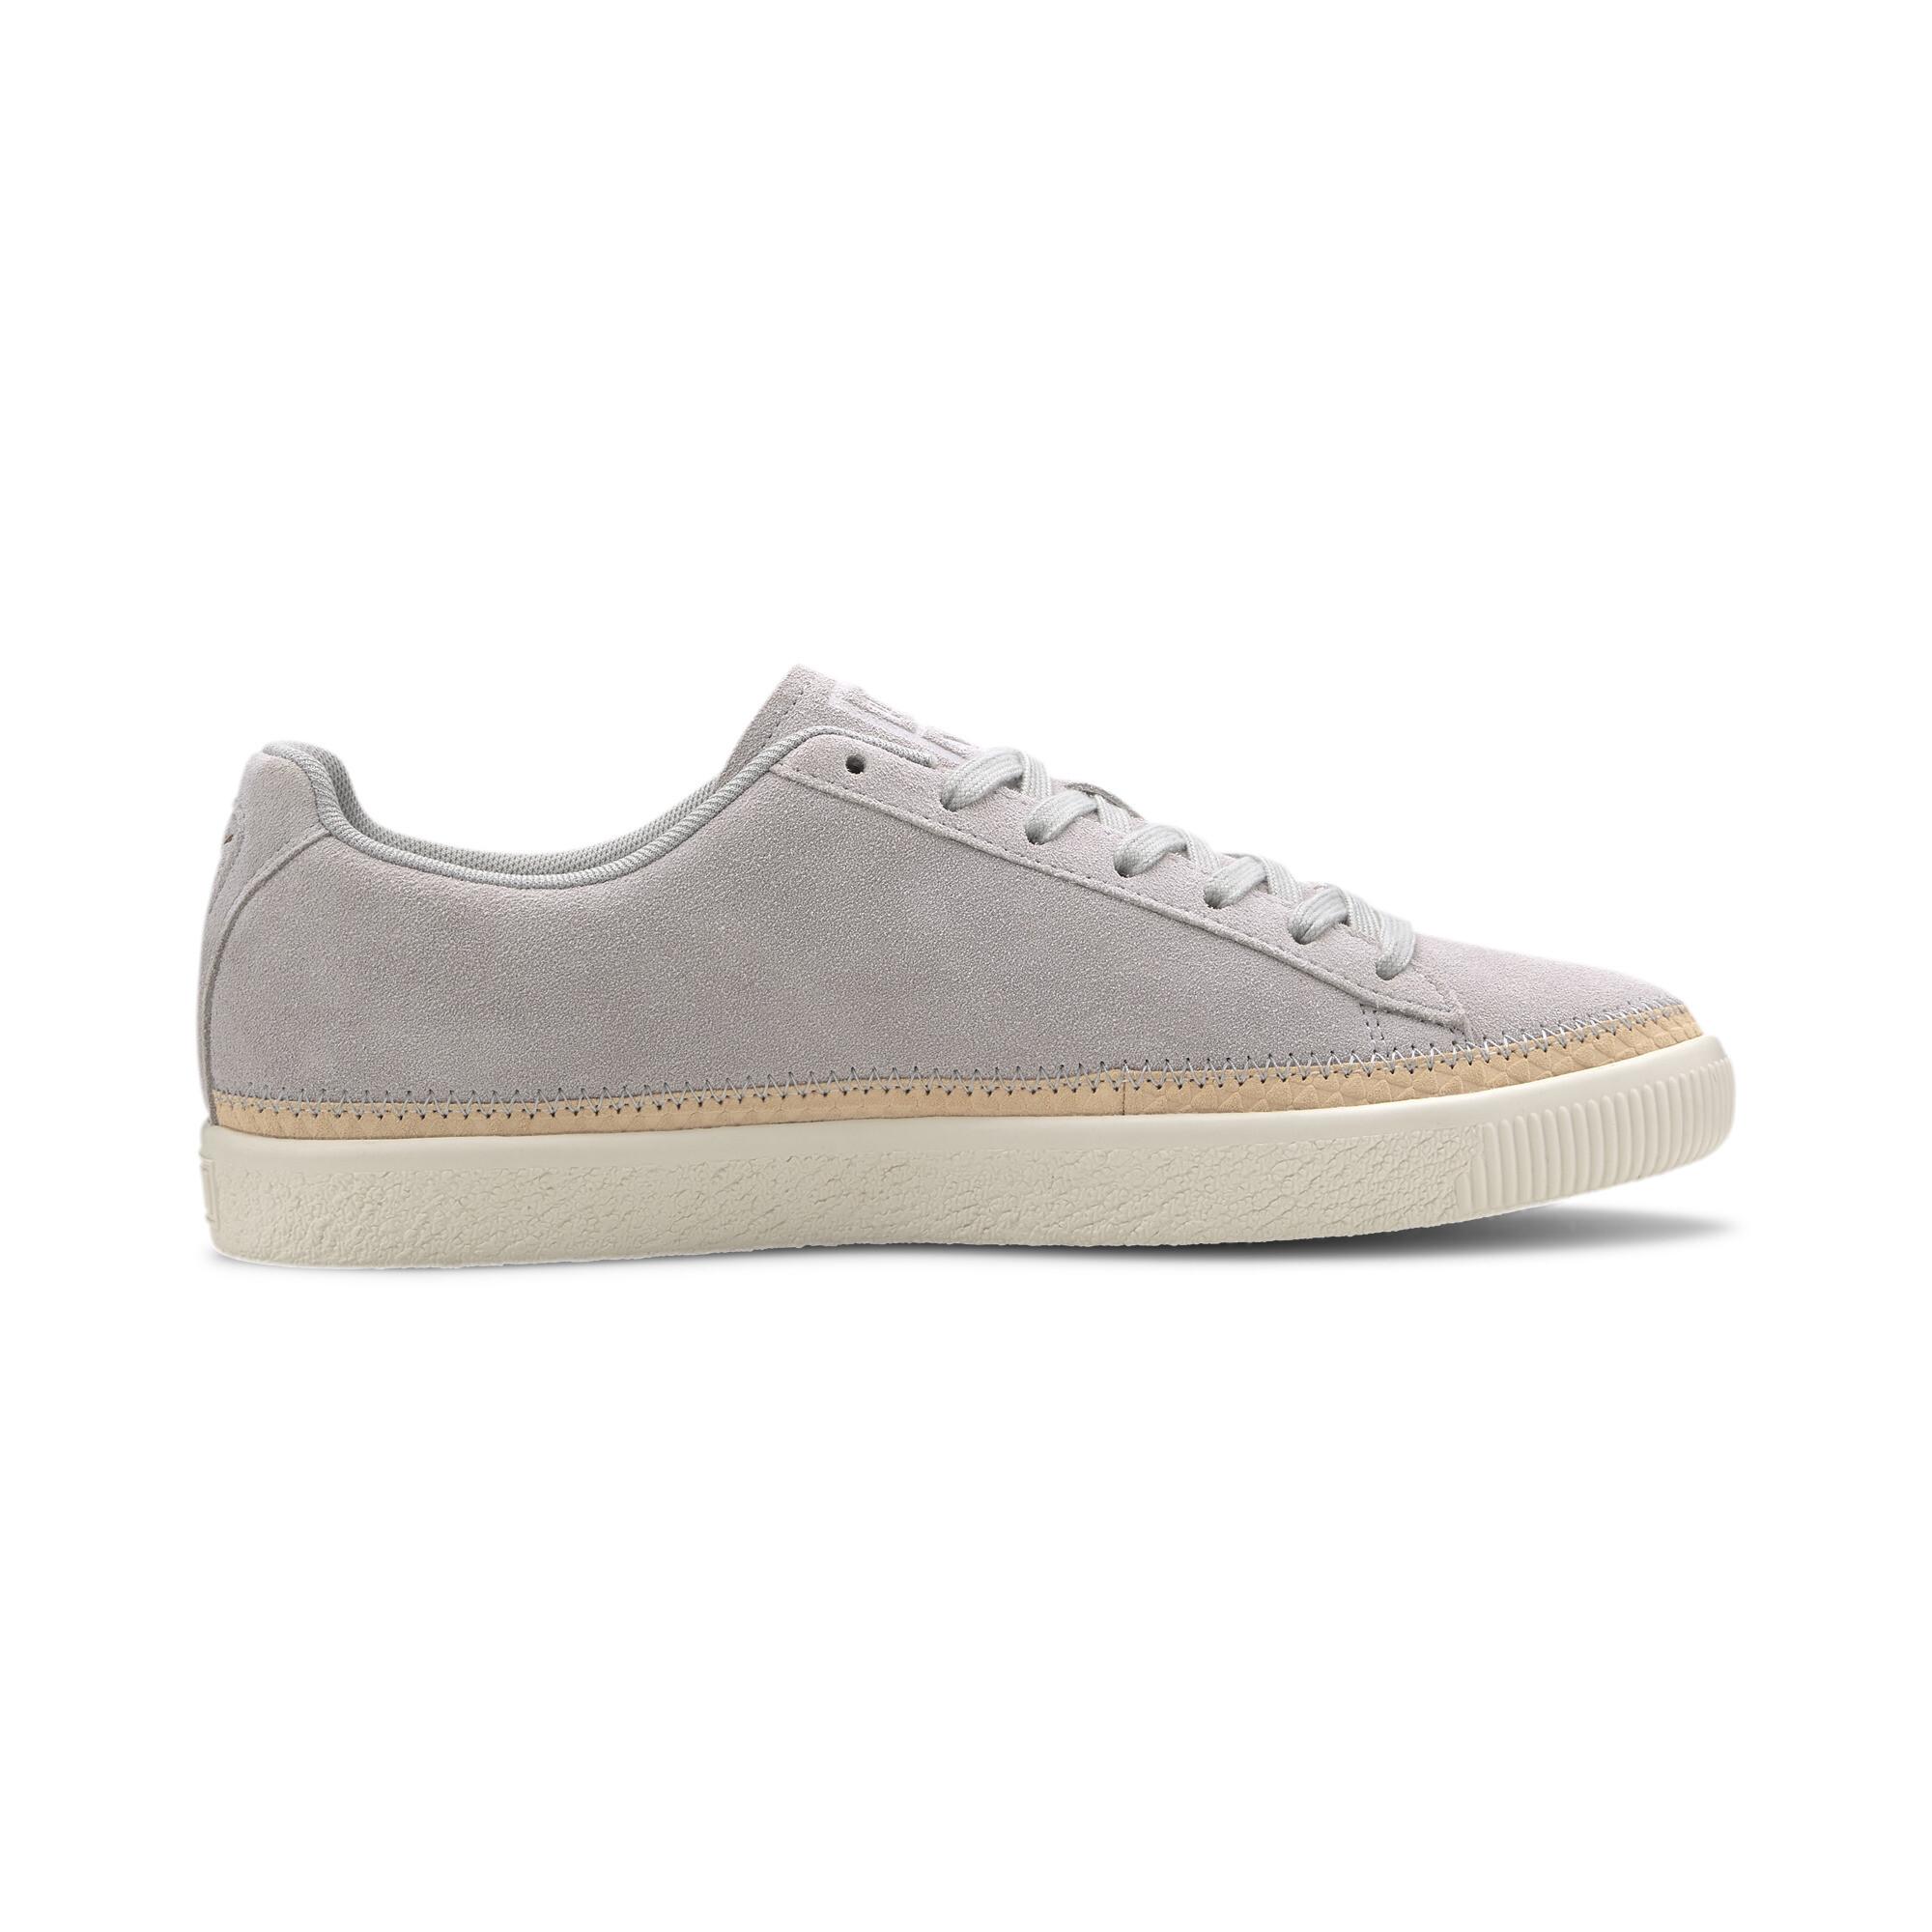 PUMA-Men-039-s-Suede-Trim-DLX-Sneakers thumbnail 7